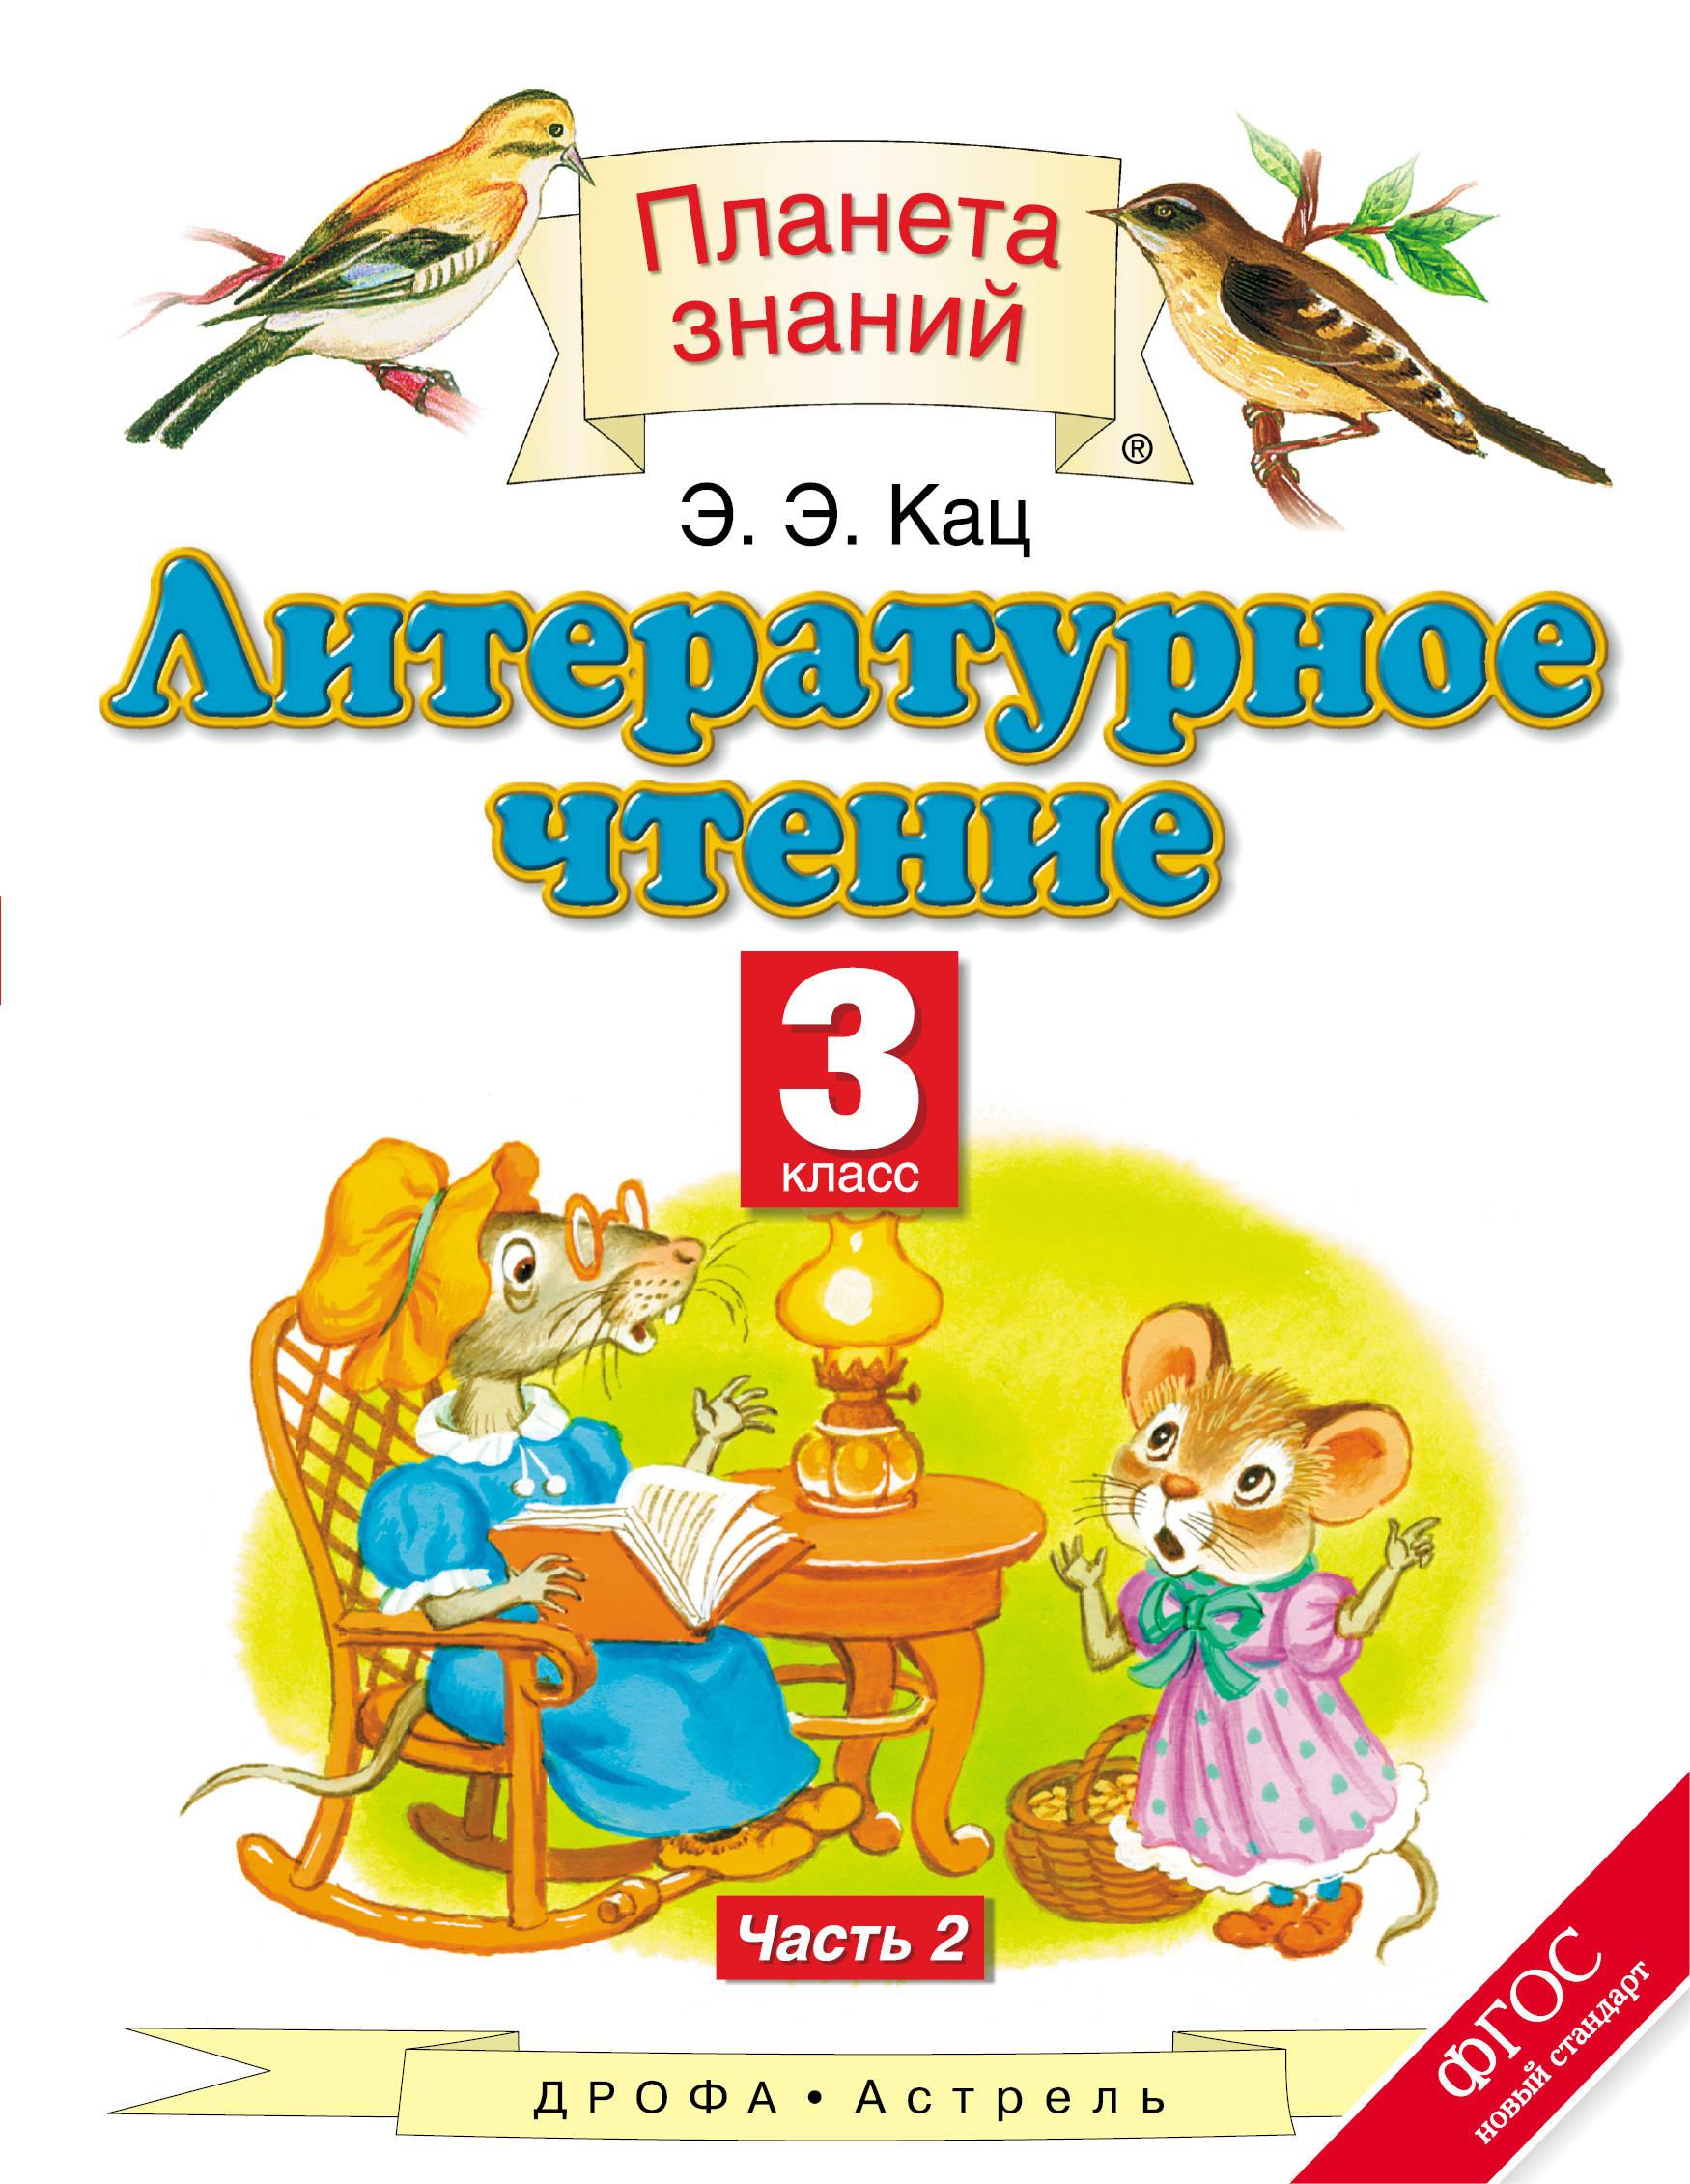 Литературное чтение. 3 класс. Учебник. В 3 частях. Часть 2, Кац Элла Эльханоновна